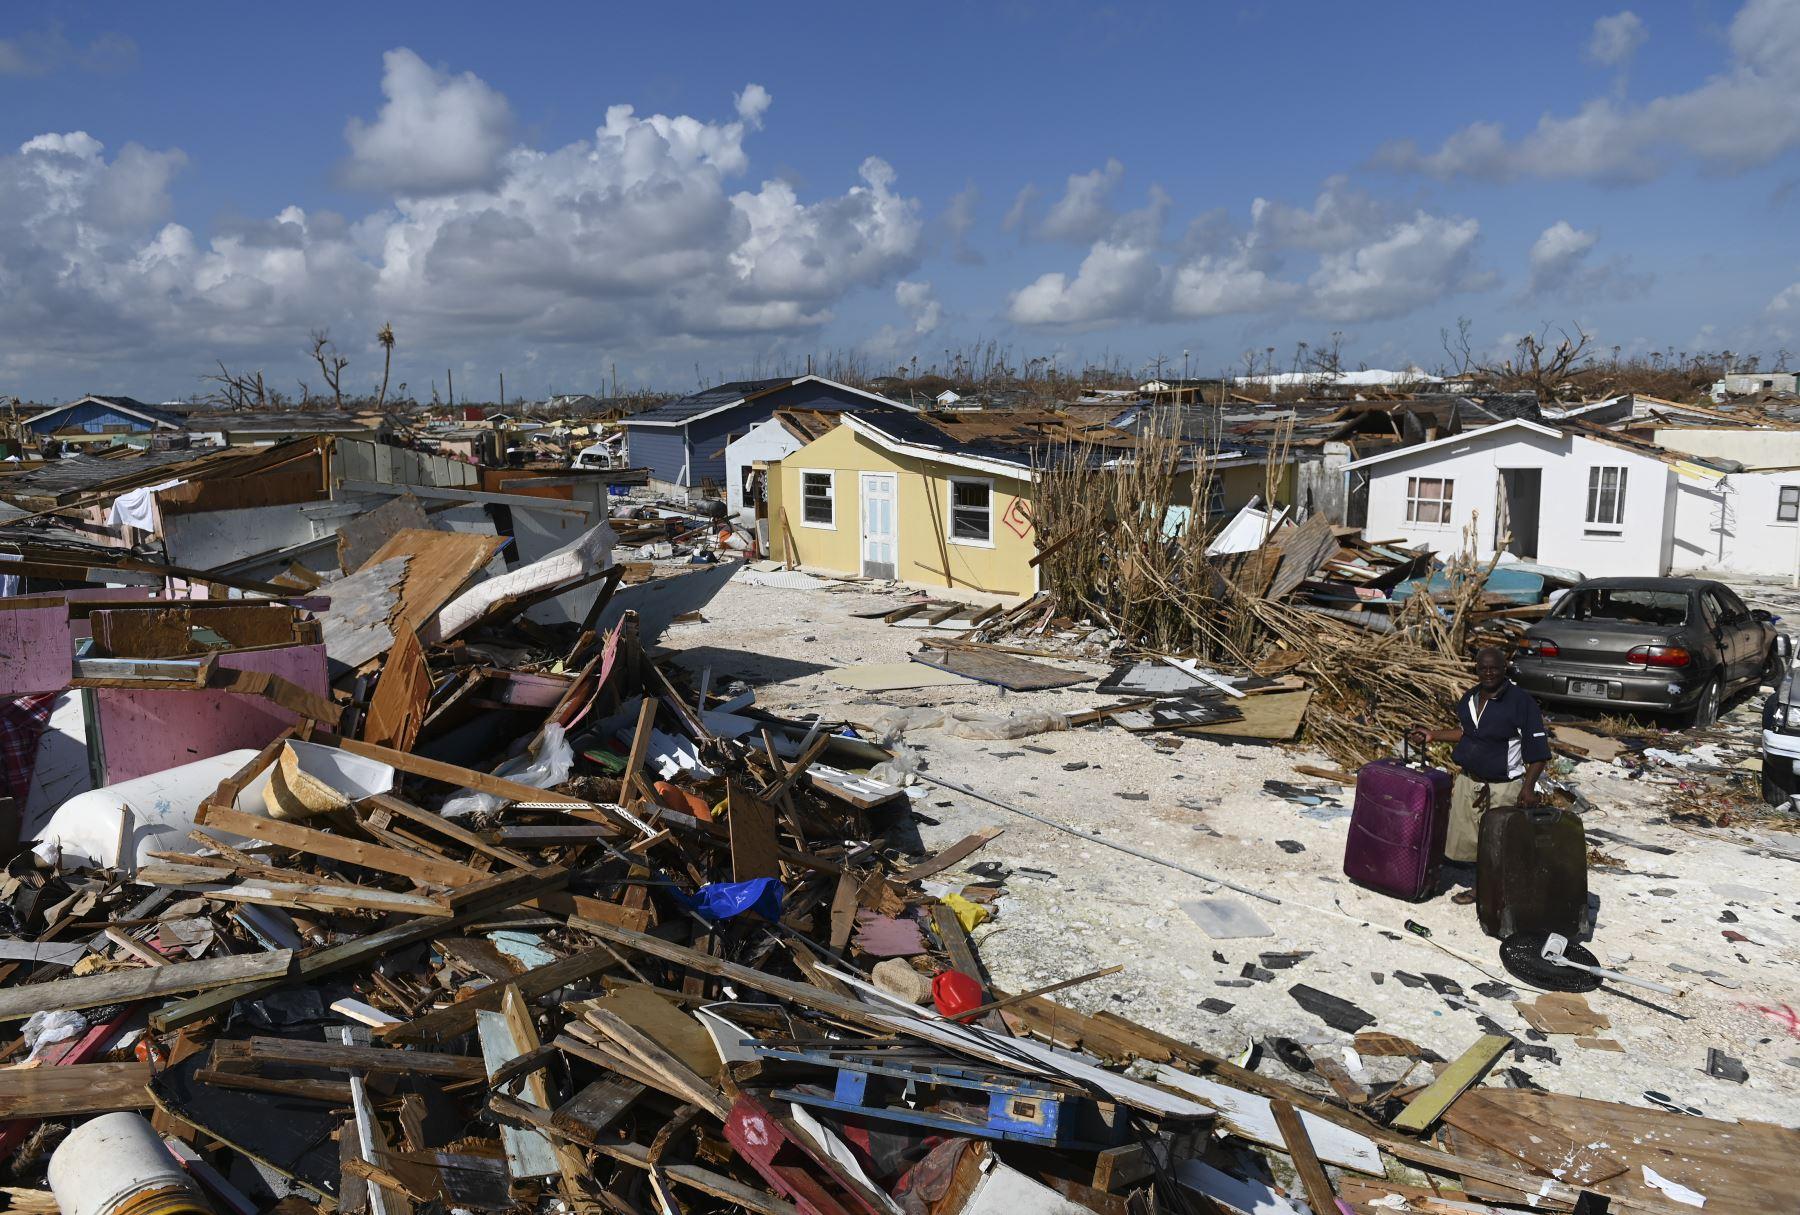 Una mujer recoge sus pertenencias antes de ir al puerto para evacuar en Marsh Harbour, Bahamas, una semana después del paso del huracán Dorian.Foto:AFP